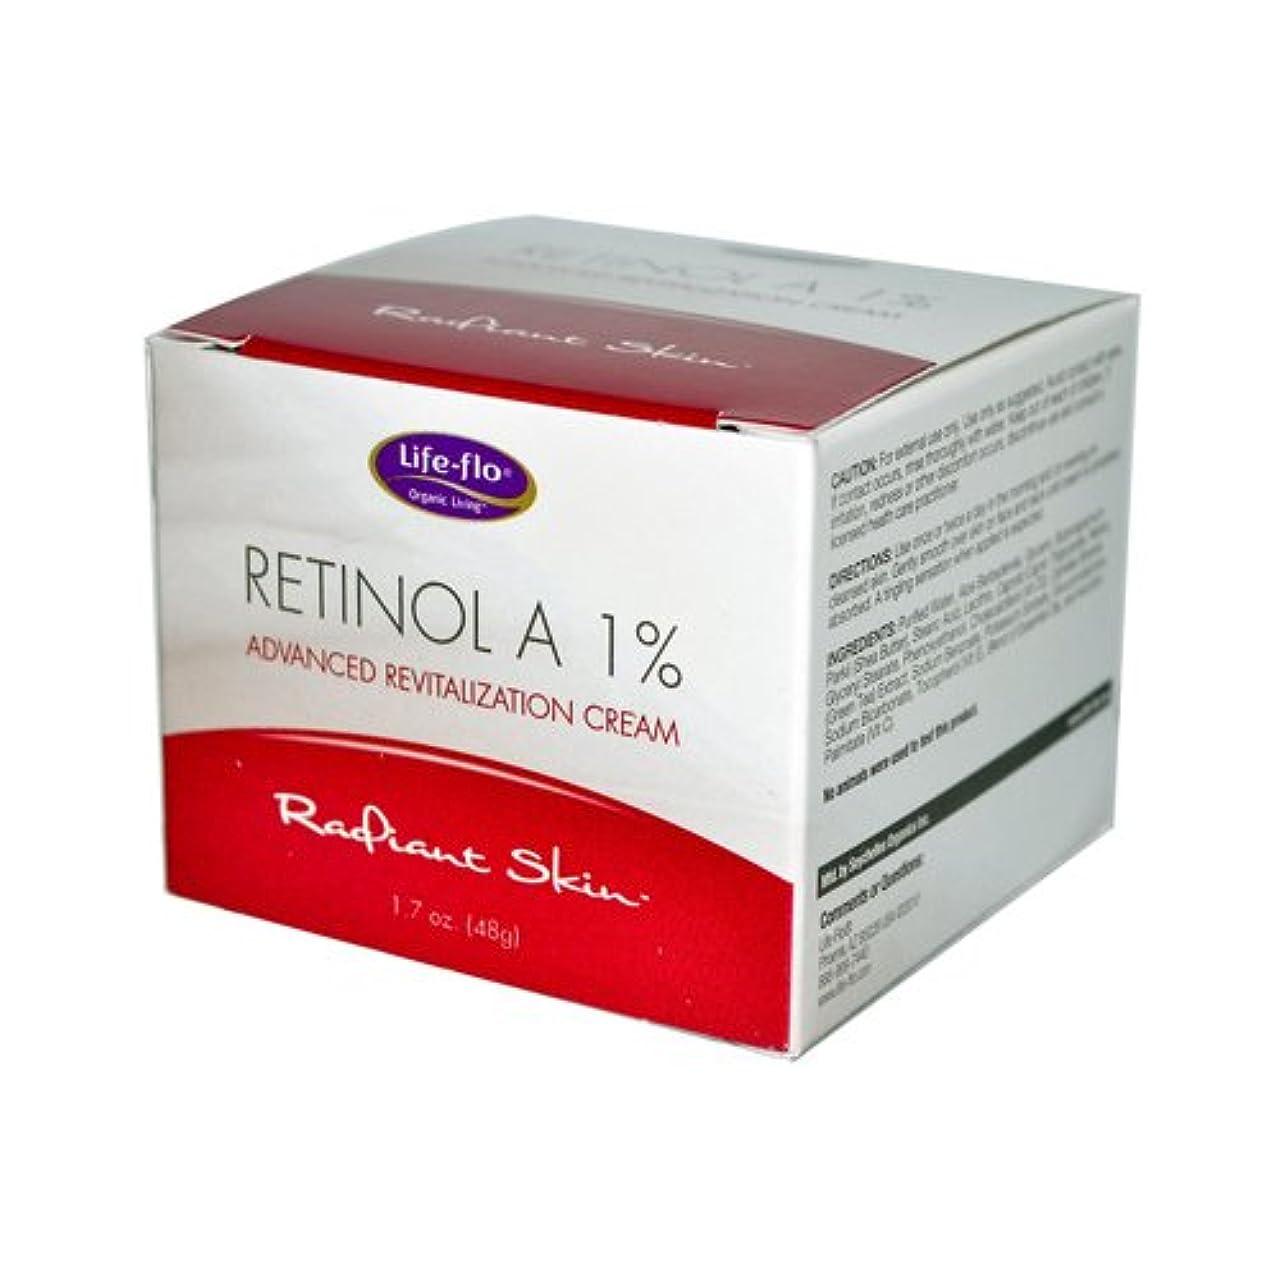 属するディスカウントおとうさん海外直送品 Life-Flo Retinol A 1% Advanced Revitalization Cream, 1.7 oz